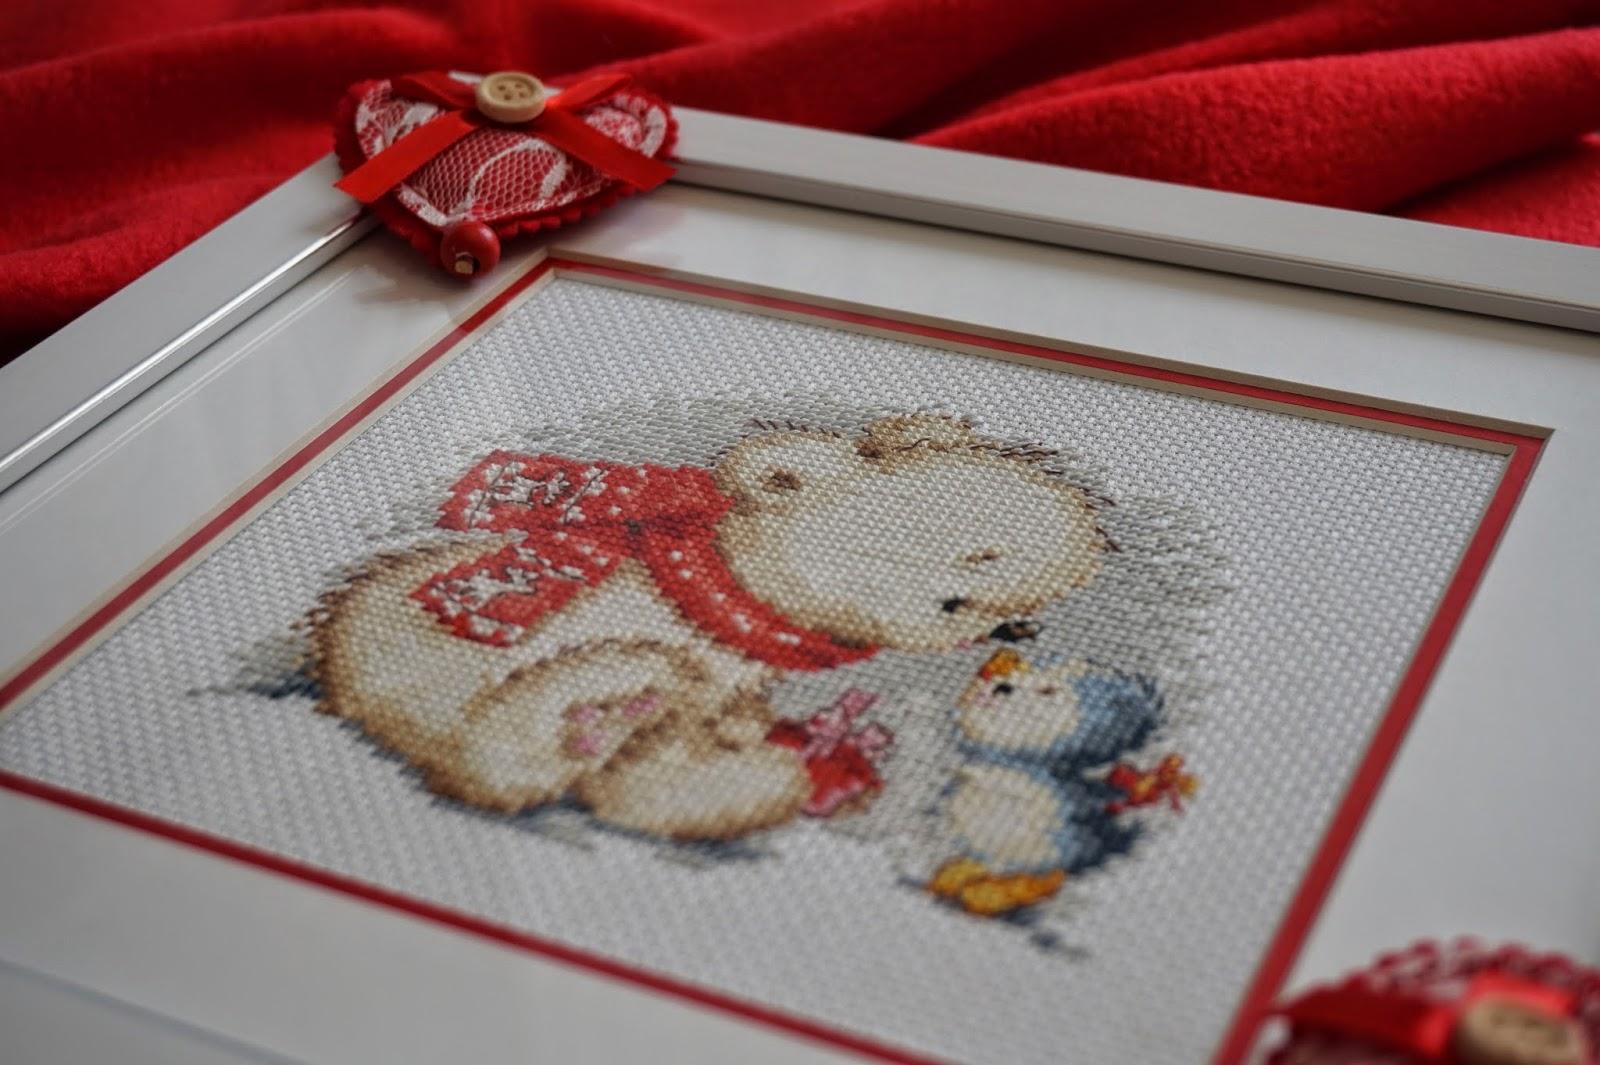 Наборы для вышивания Алиса Отзывы покупателей - Irecommend 11